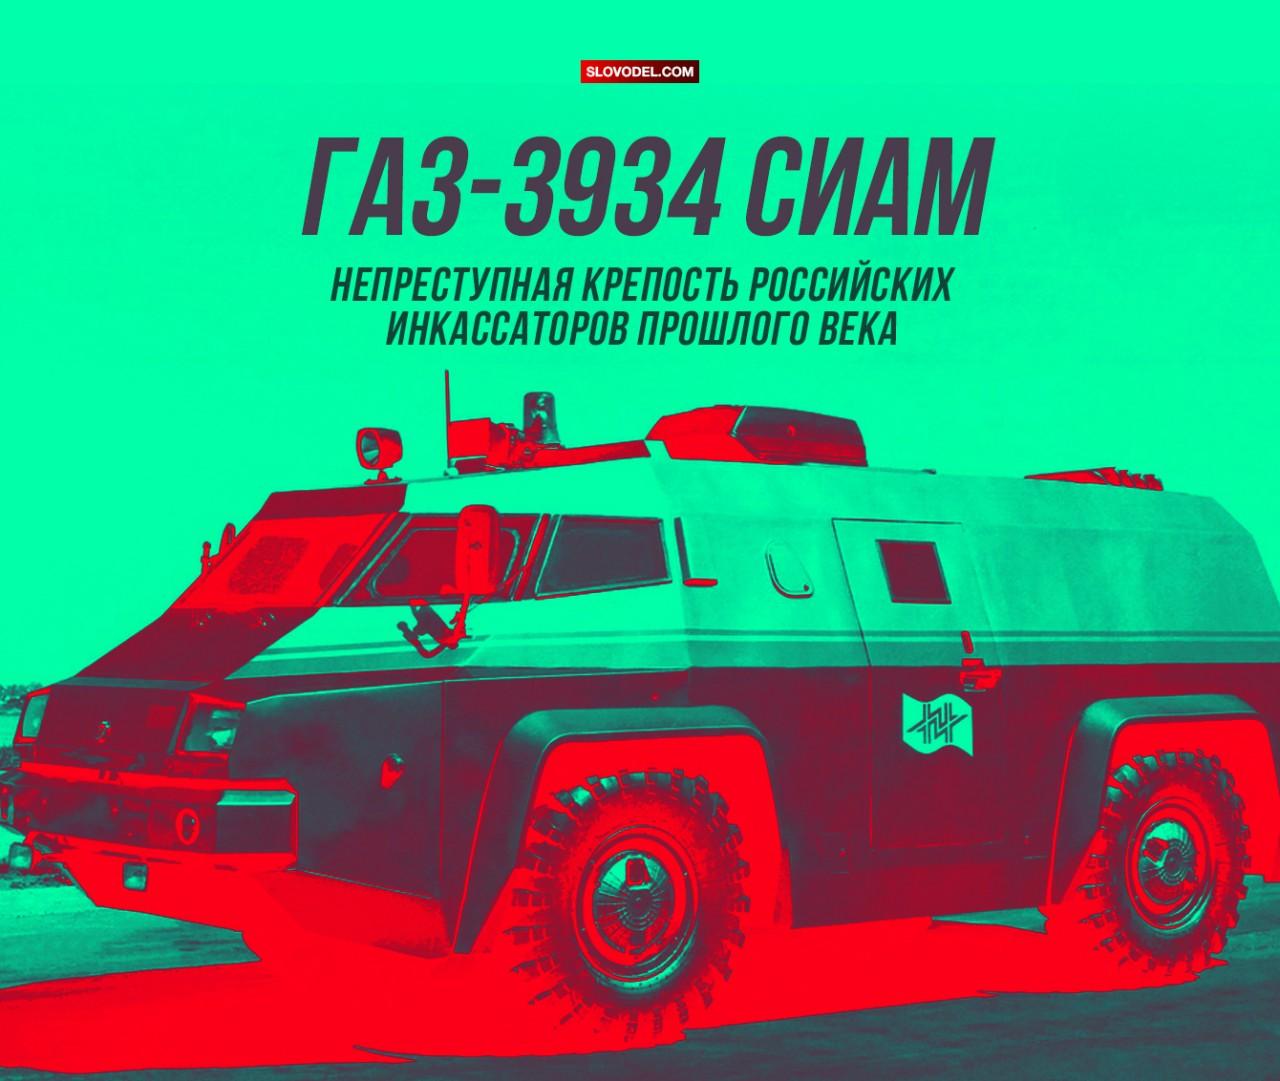 ГАЗ-3934 СИАМ - стальной монстр российских инкассаторов прошлого века